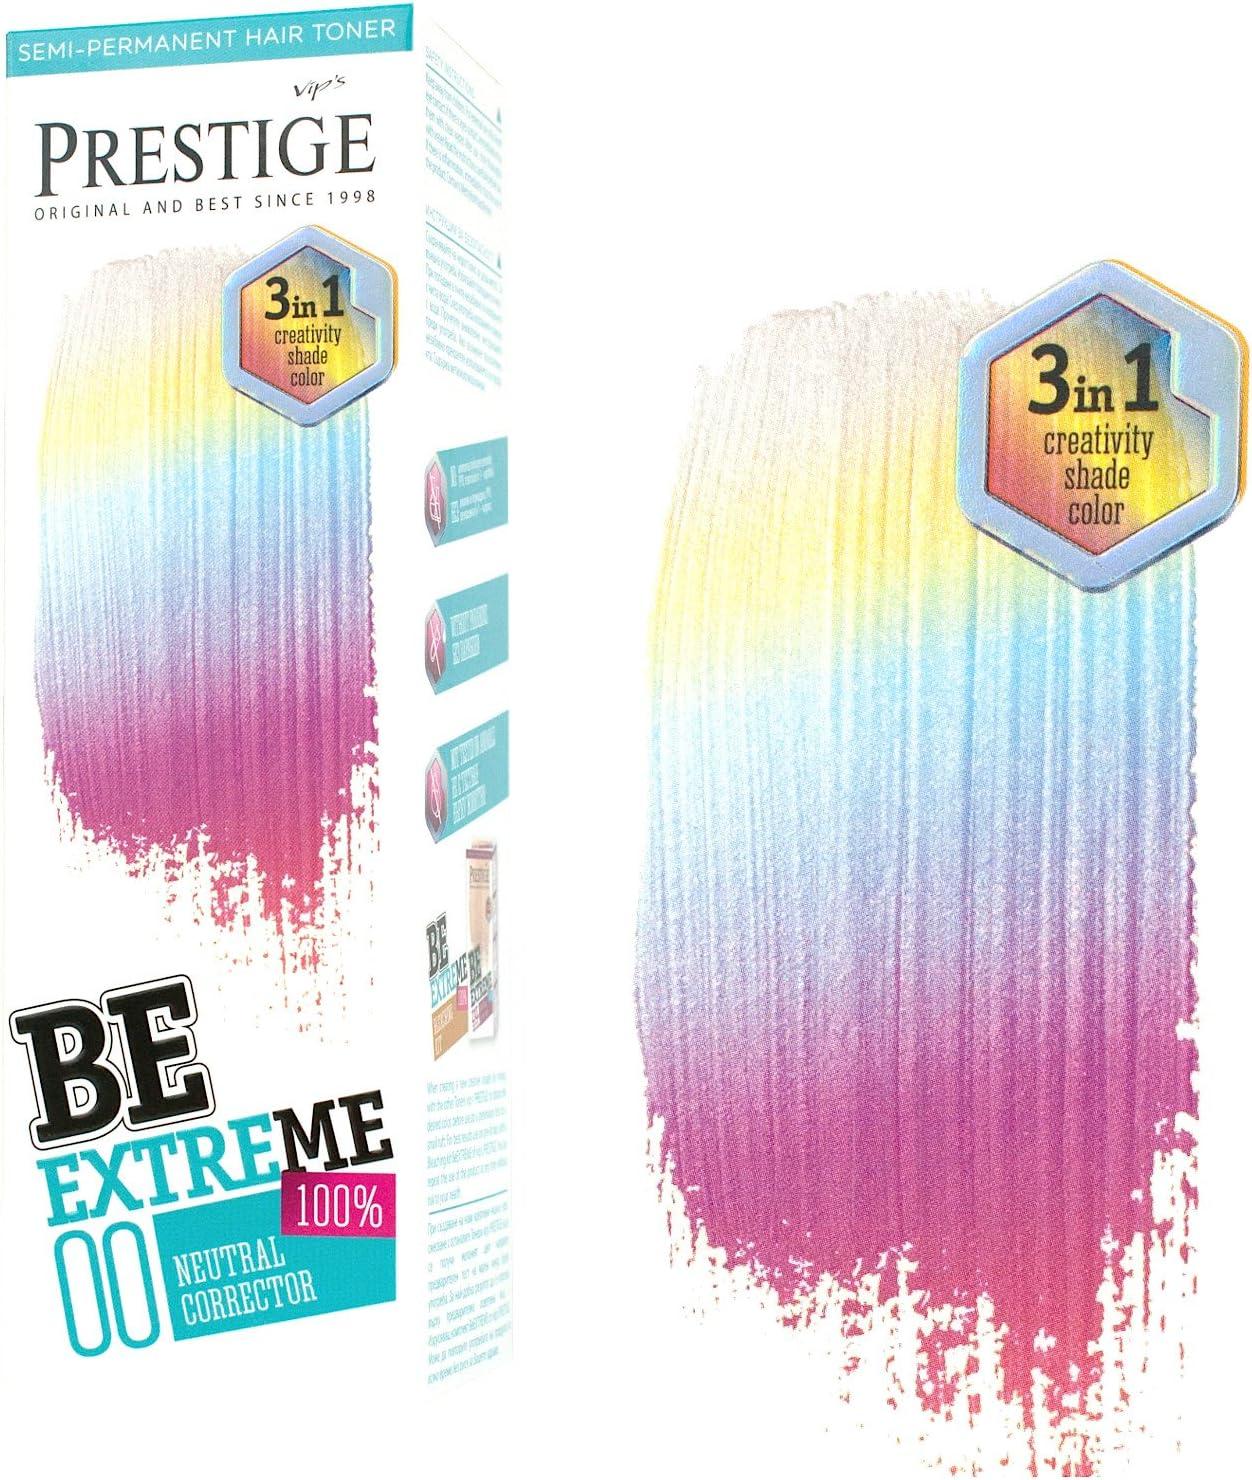 Be Extreme Tóner Semi Permanente para Pelo, Color 00 Neutral - Sin Amoniaco, Sin Parabenos y PPD